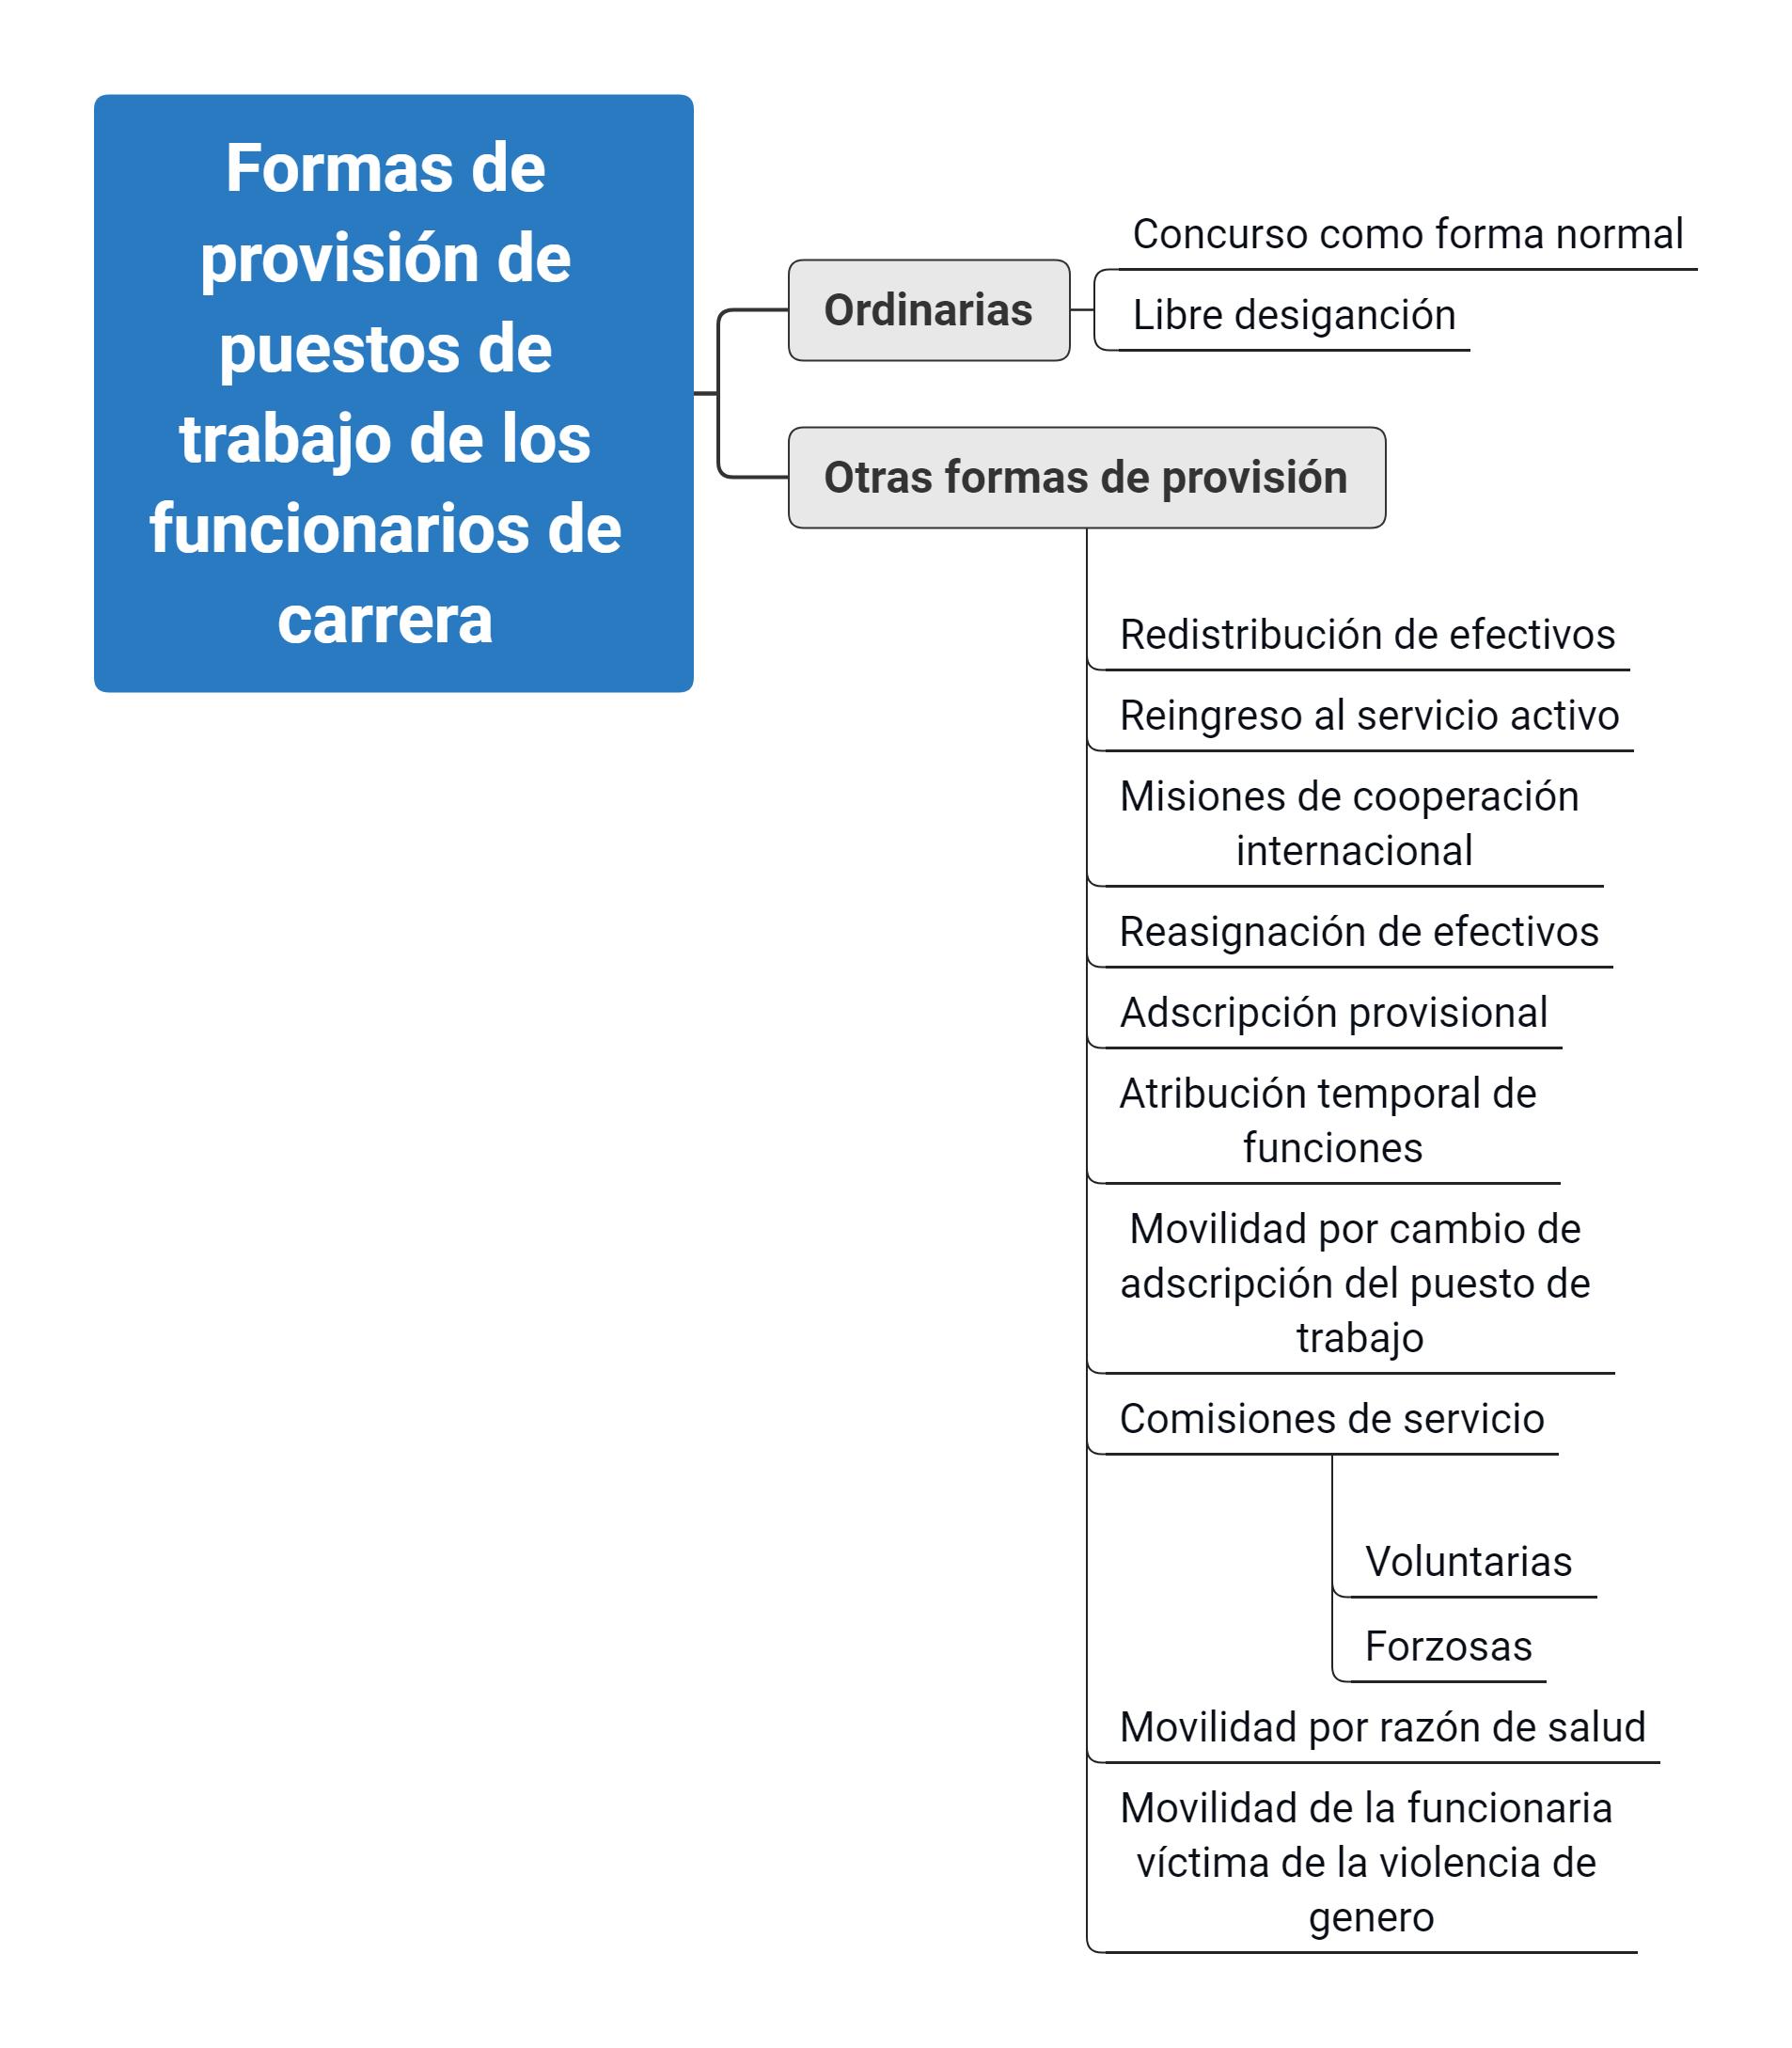 esquema Formas de provisión de puestos de trabajo de los funcionarios de carrera